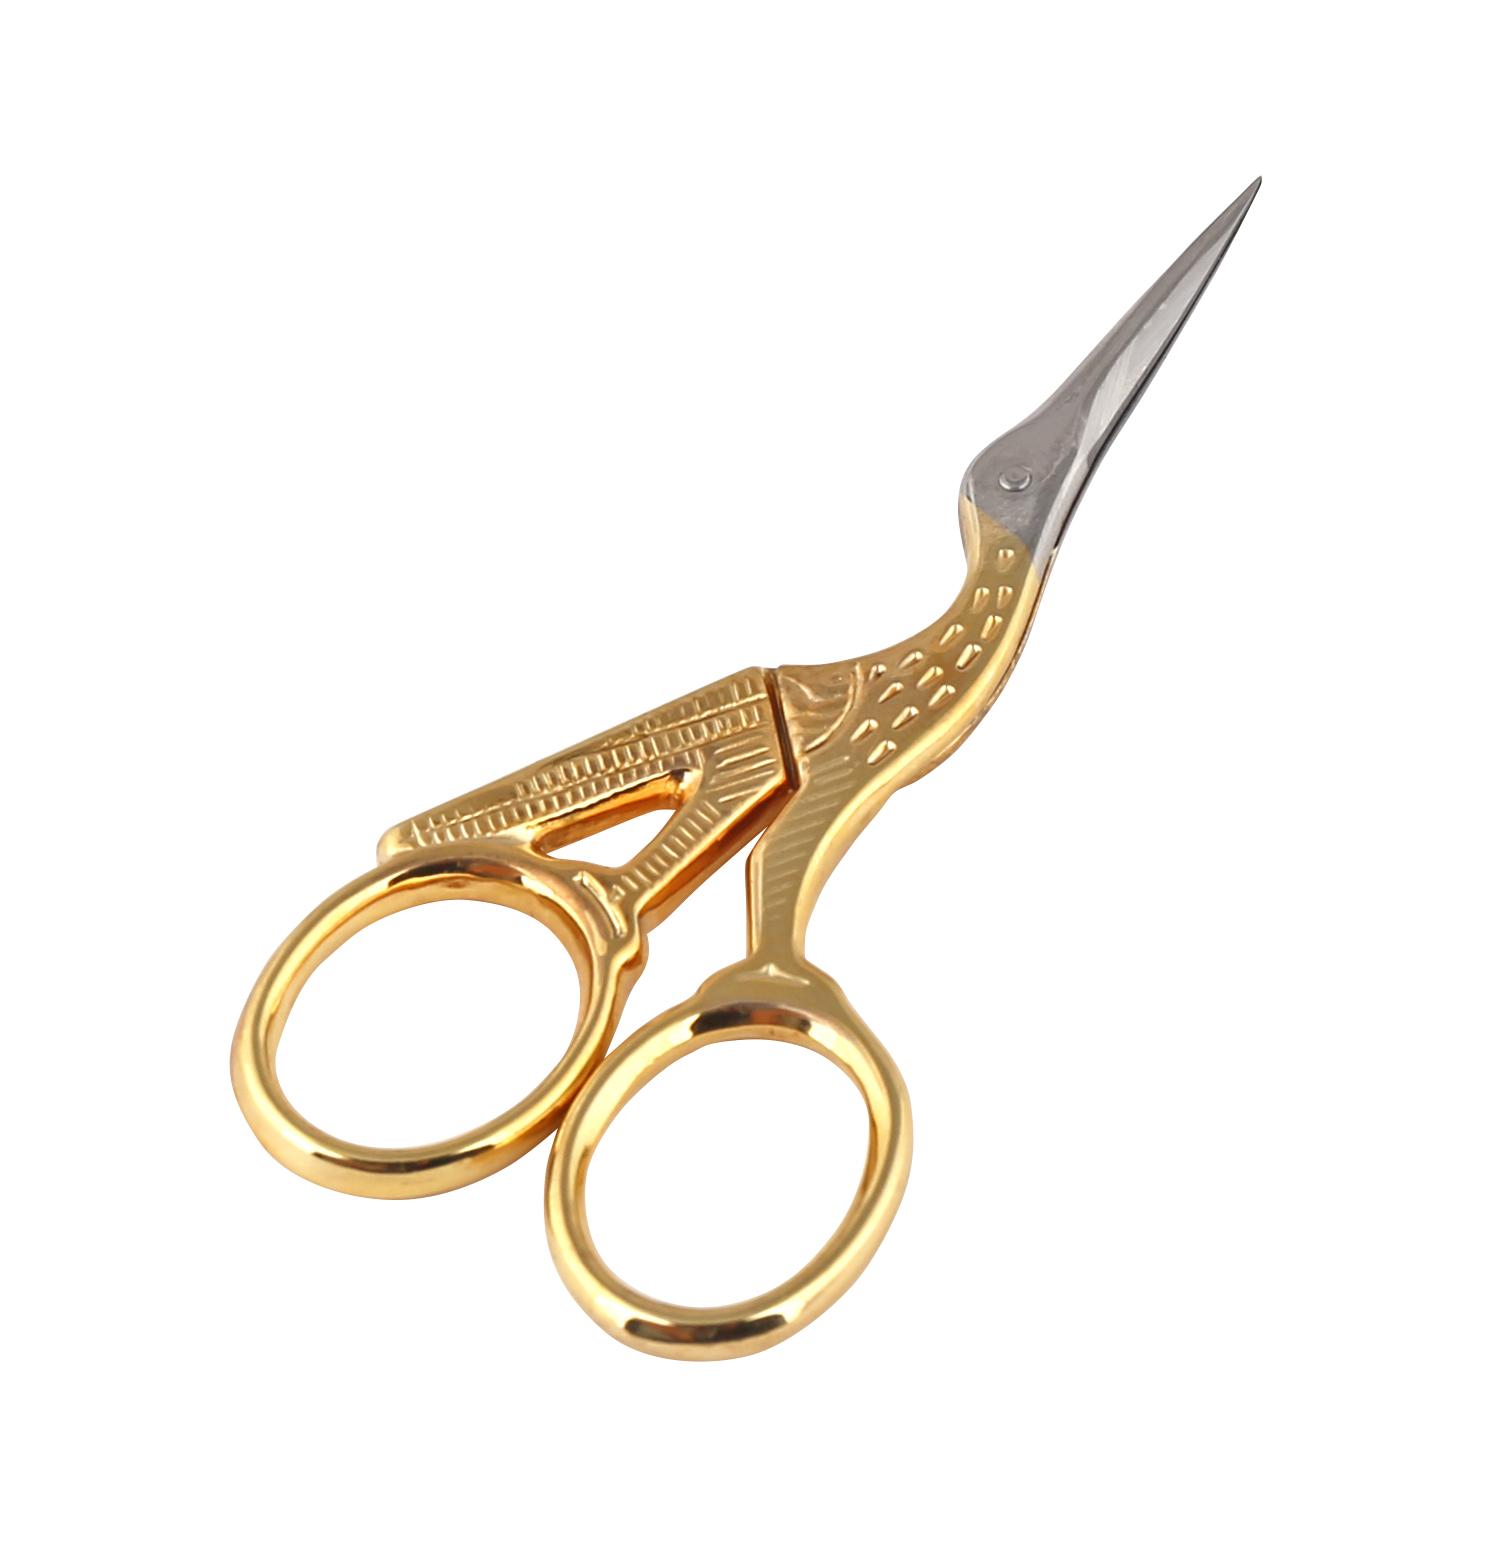 """Ножницы вышивальные Premax """"Цапельки"""", цвет: золотистый, длина 9,3 см Premax F 7125D (3,5"""") ножницы"""